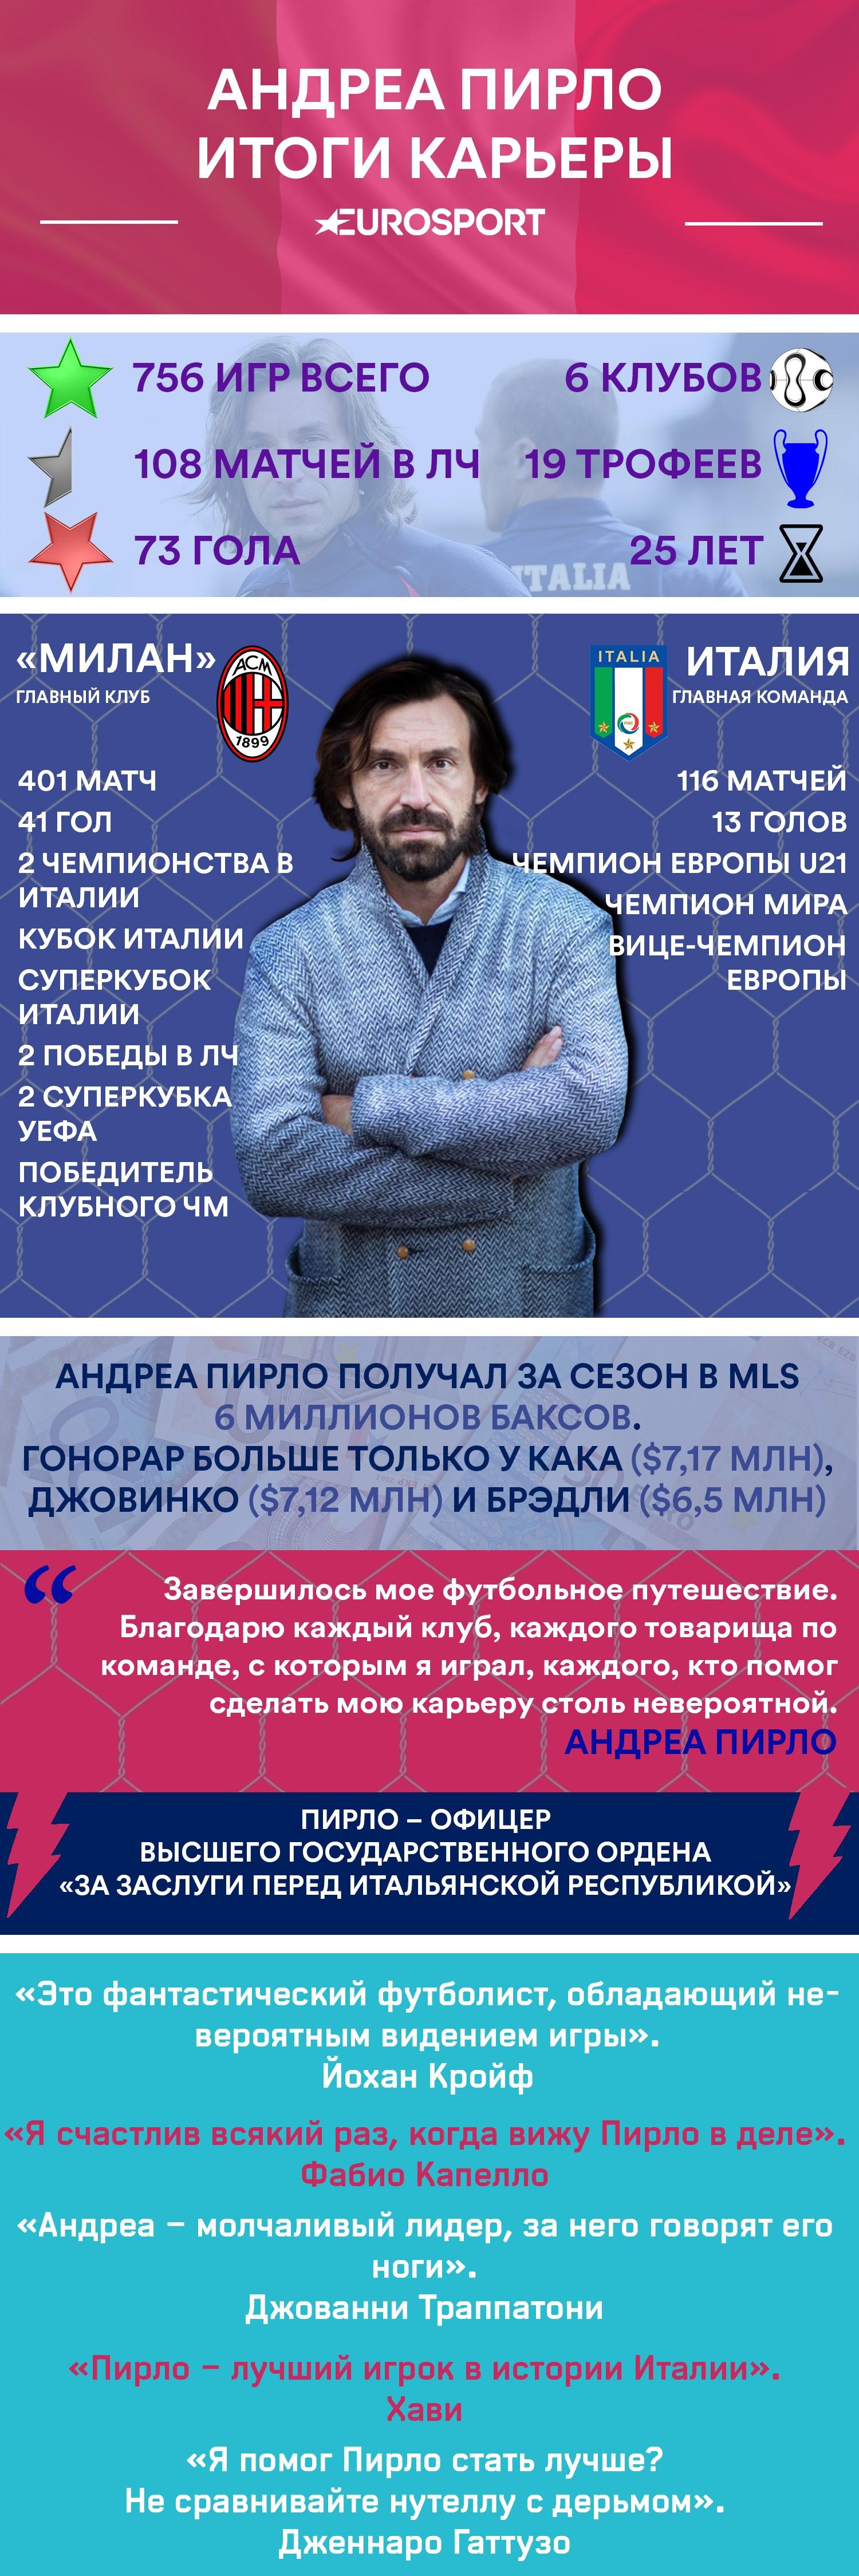 Инфографика по Пирло